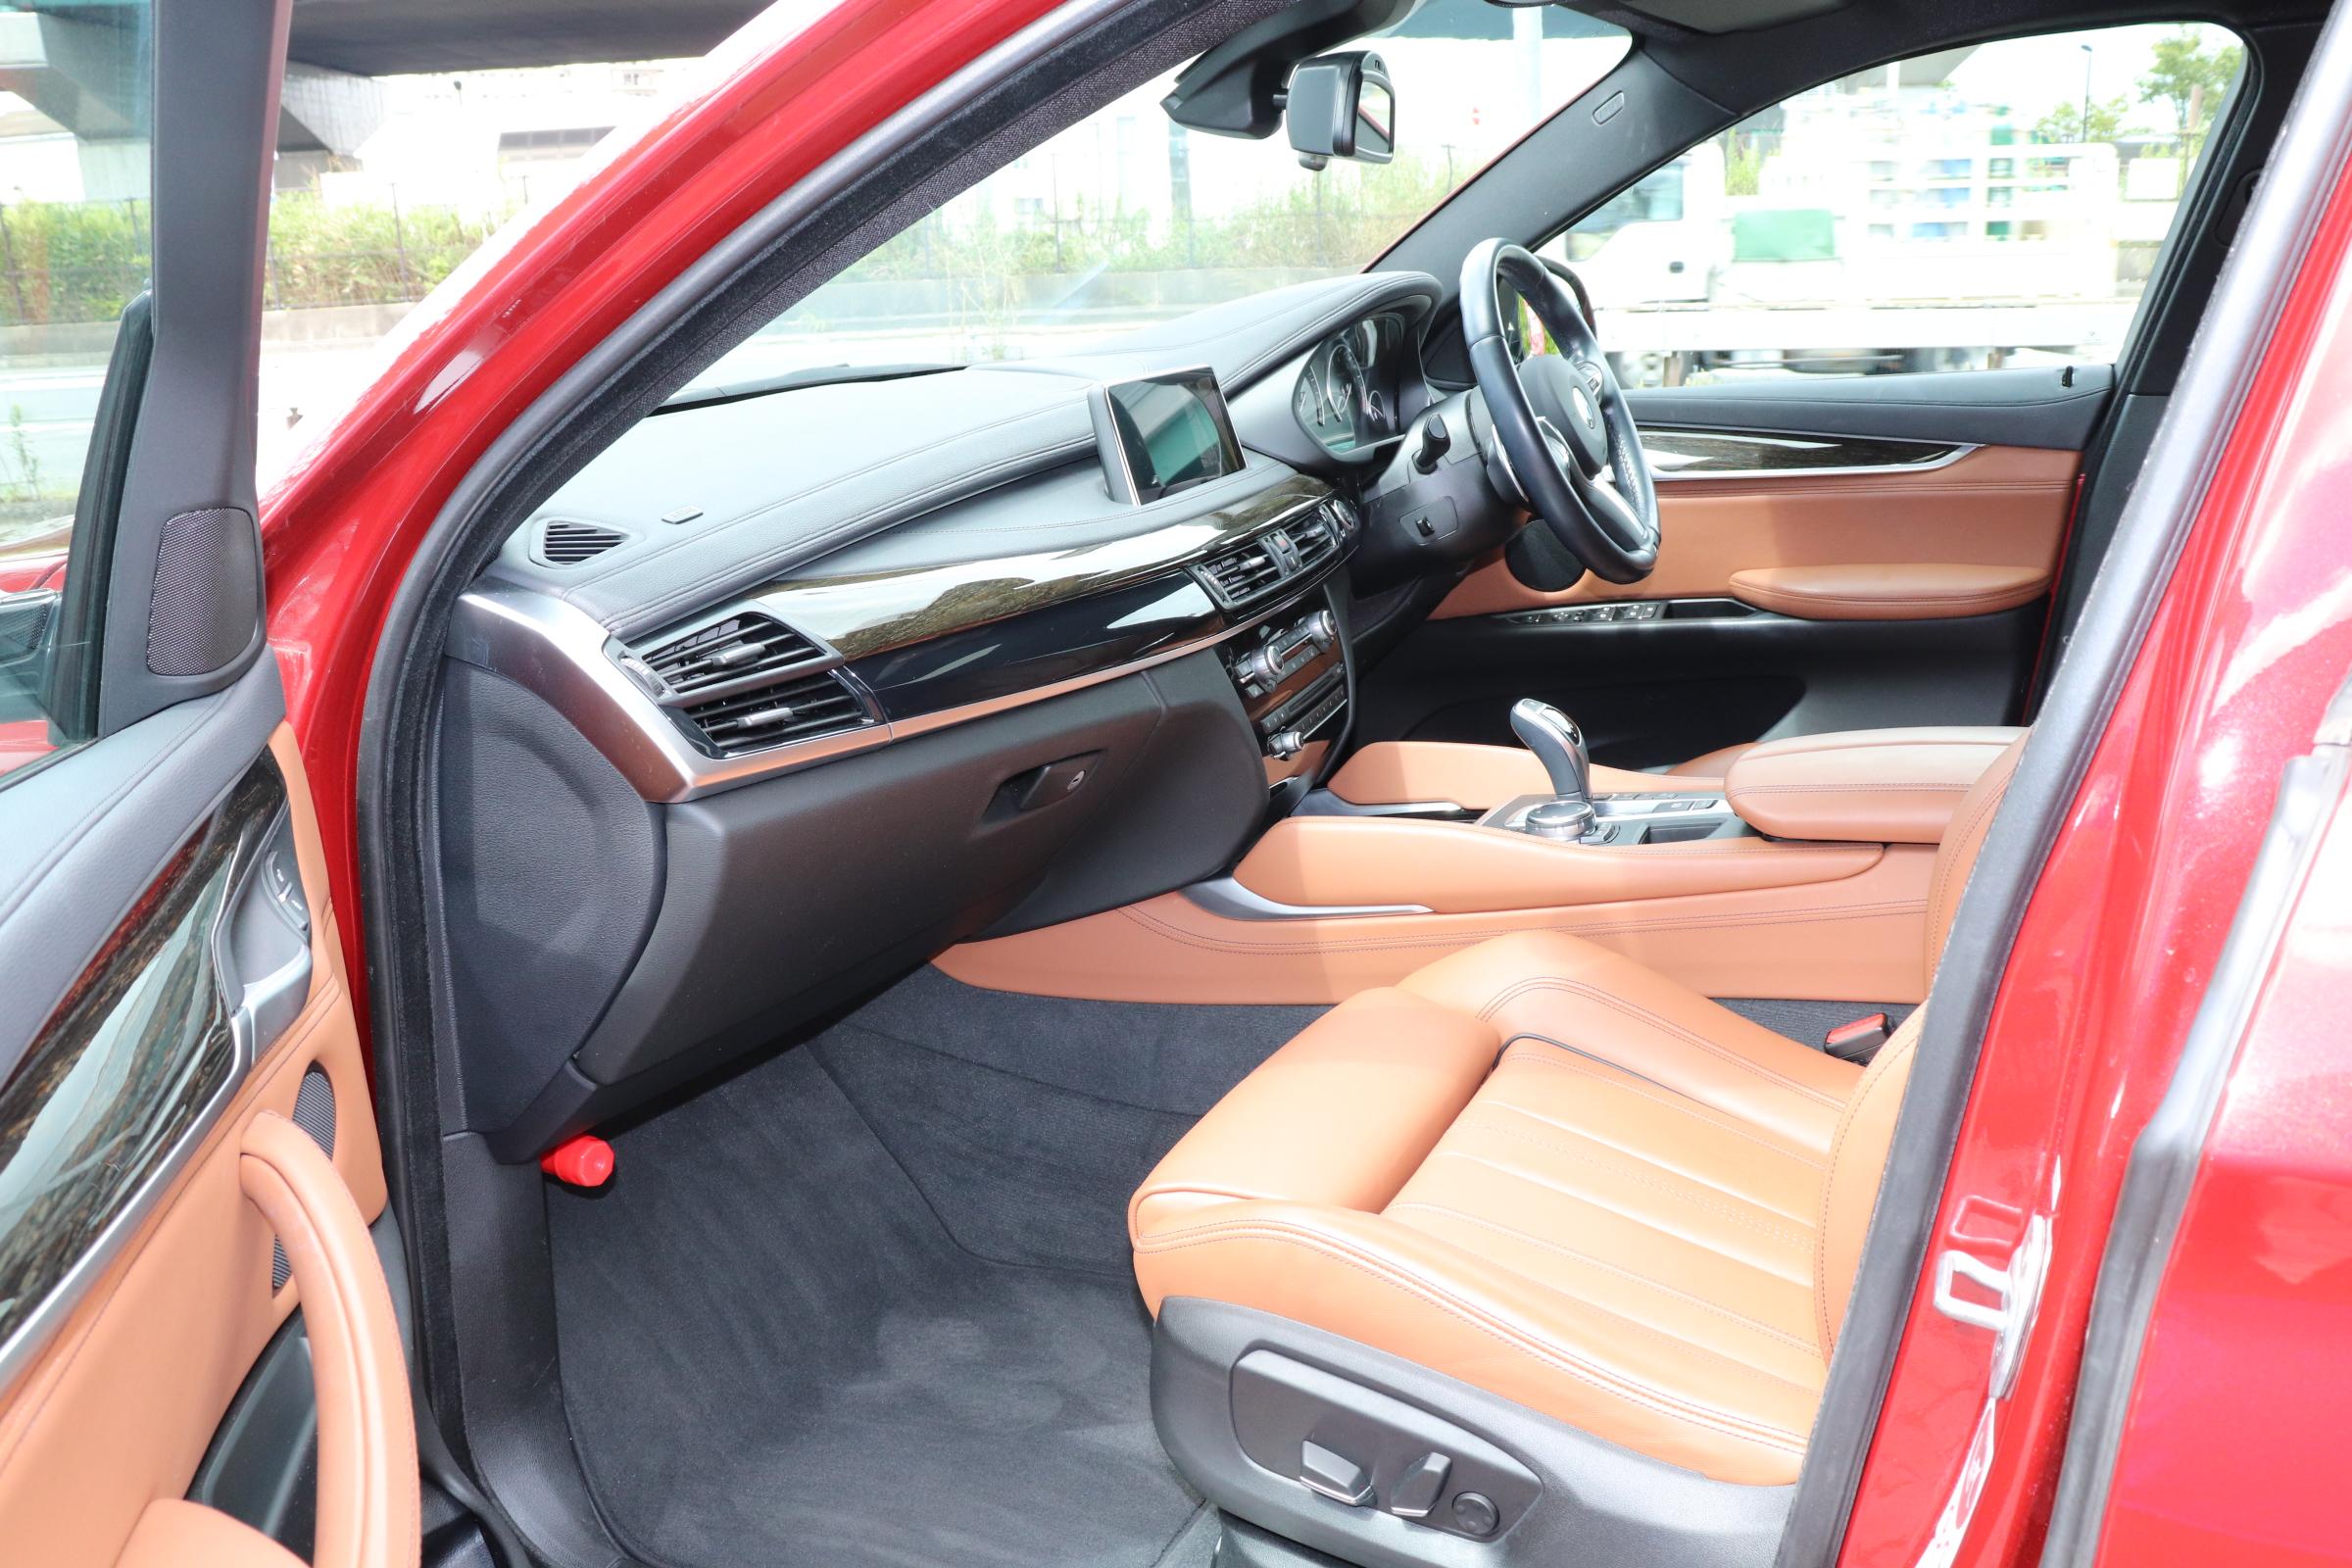 X6 xDrive 35i Mスポーツ セレクトパッケージ ブラウンレザー ACC LEDライト ワンオーナー車両画像13